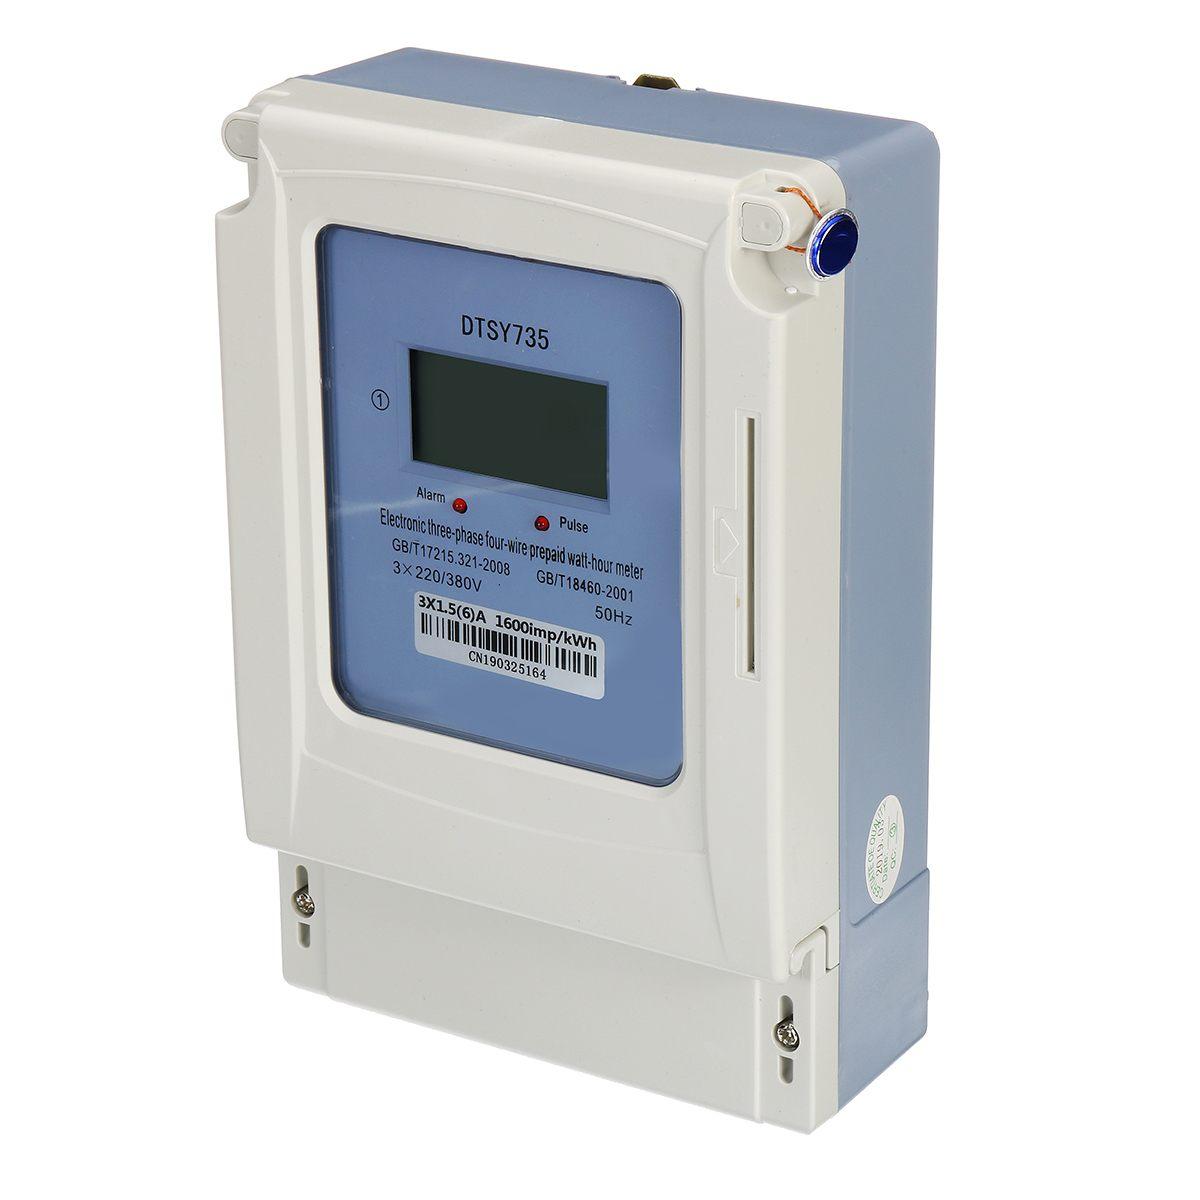 Compteur d'énergie triphasé à 4 fils 3x220/380 V compteur d'énergie à prépaiement compteur d'énergie électrique à rétroéclairage LCD compteur d'énergie à affichage numérique